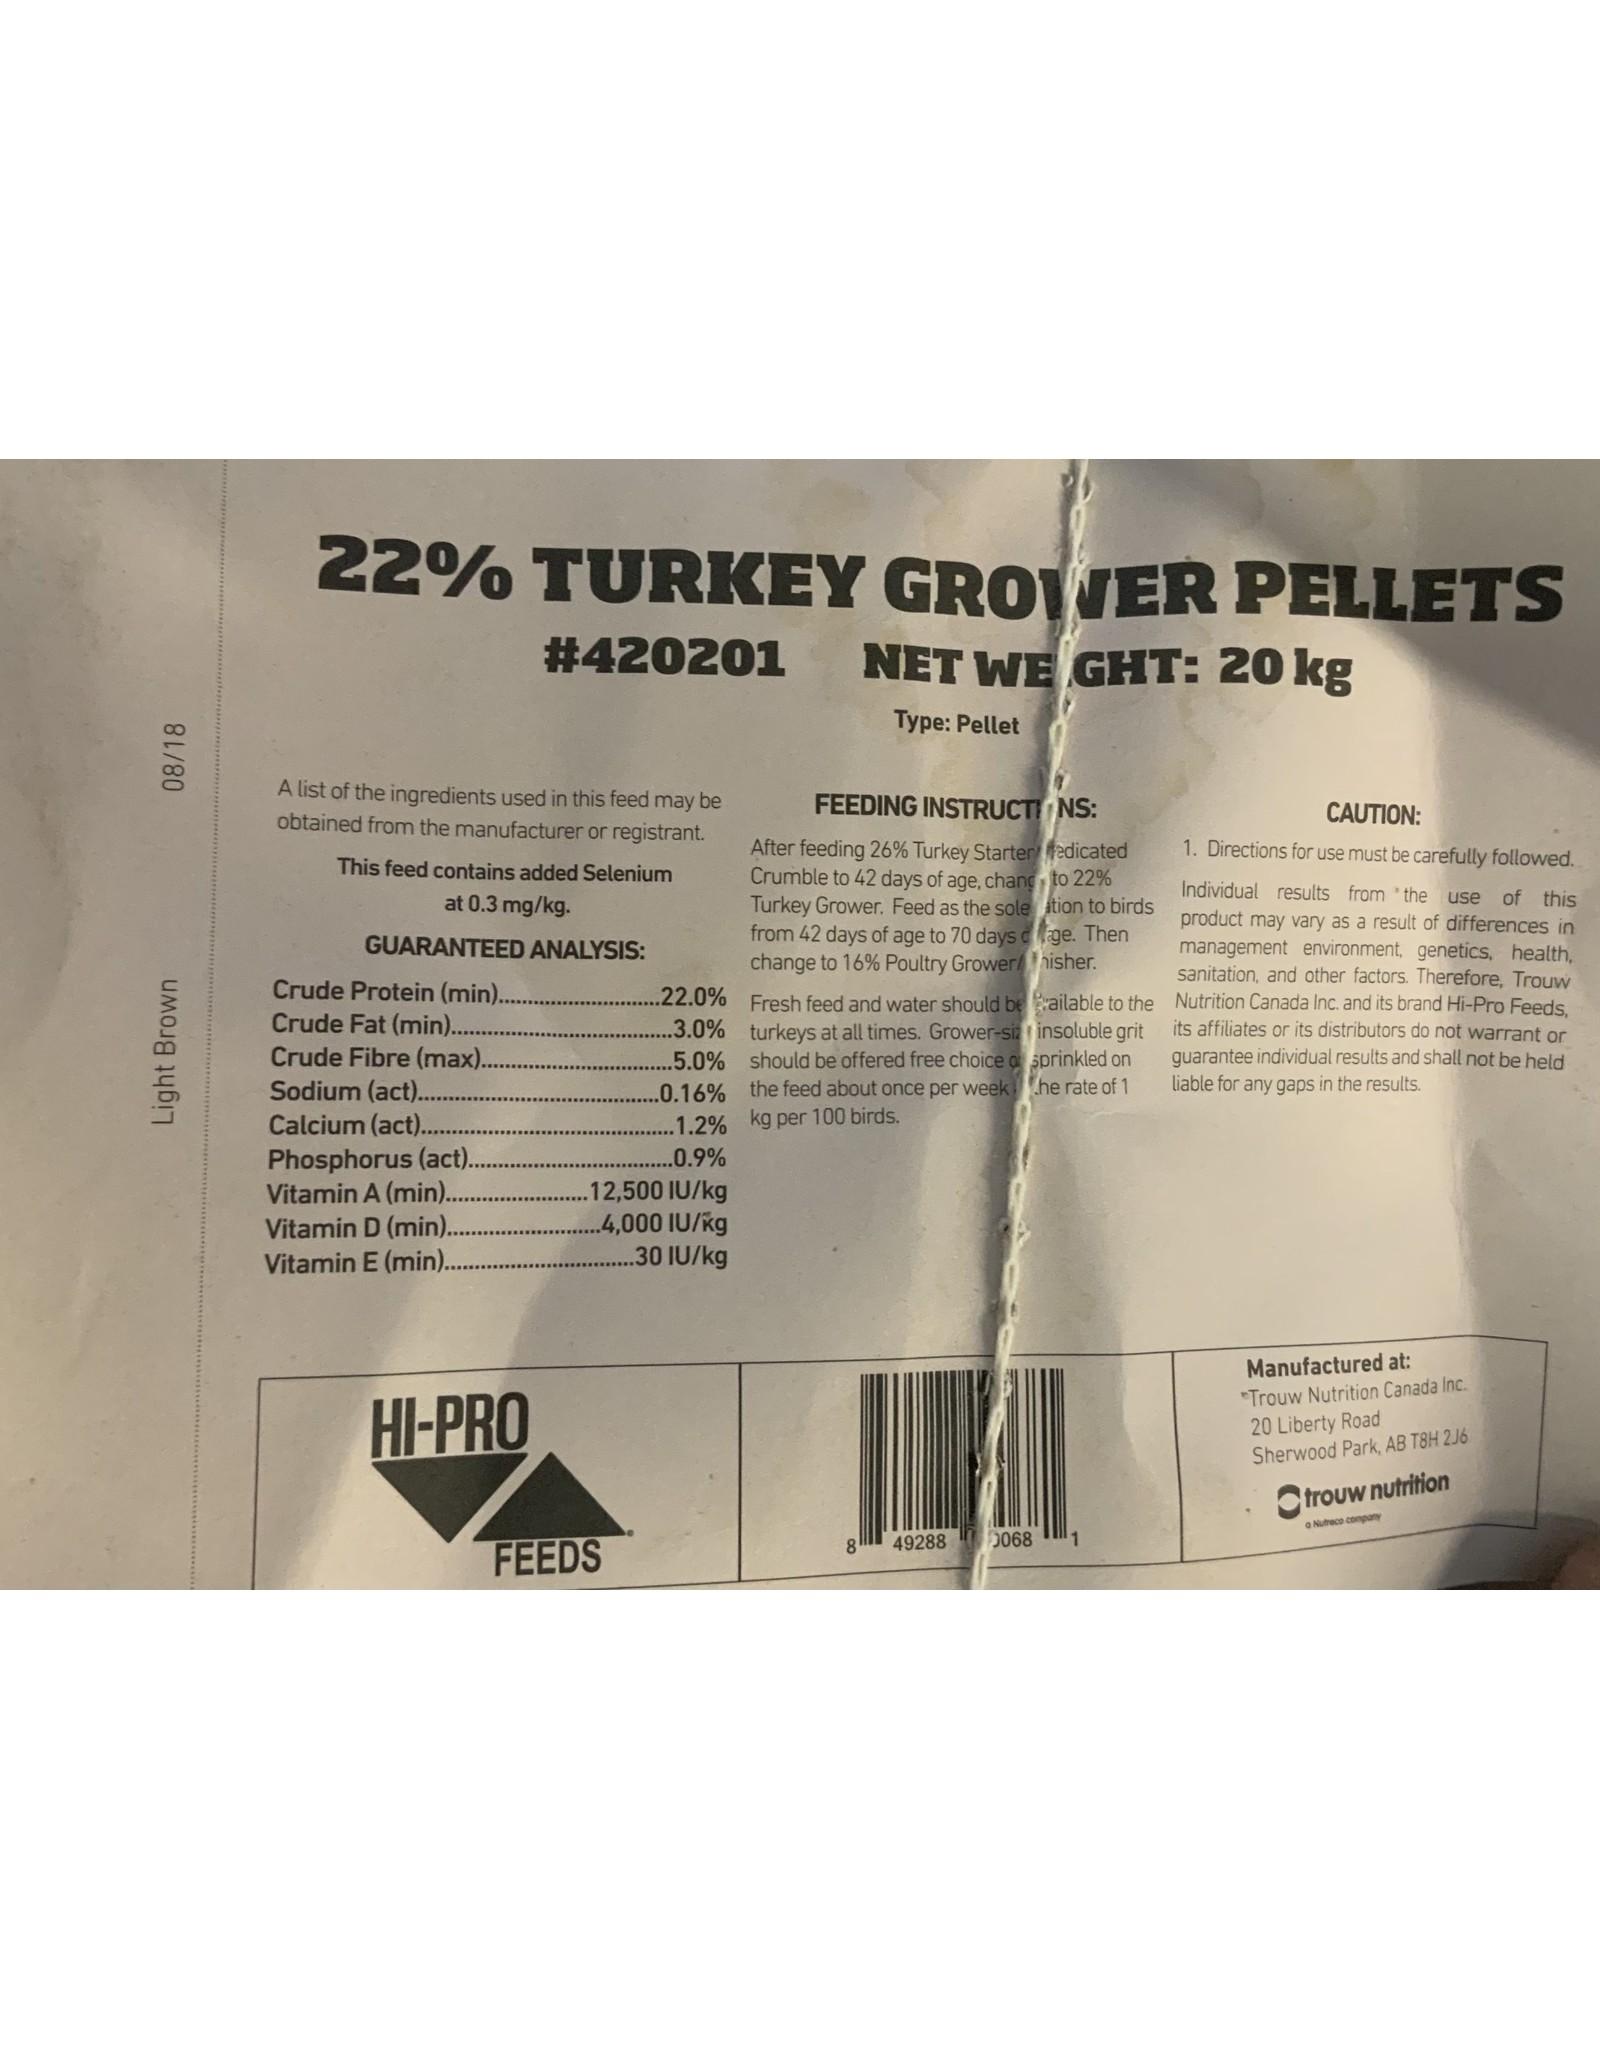 22% TURKEY GROWER